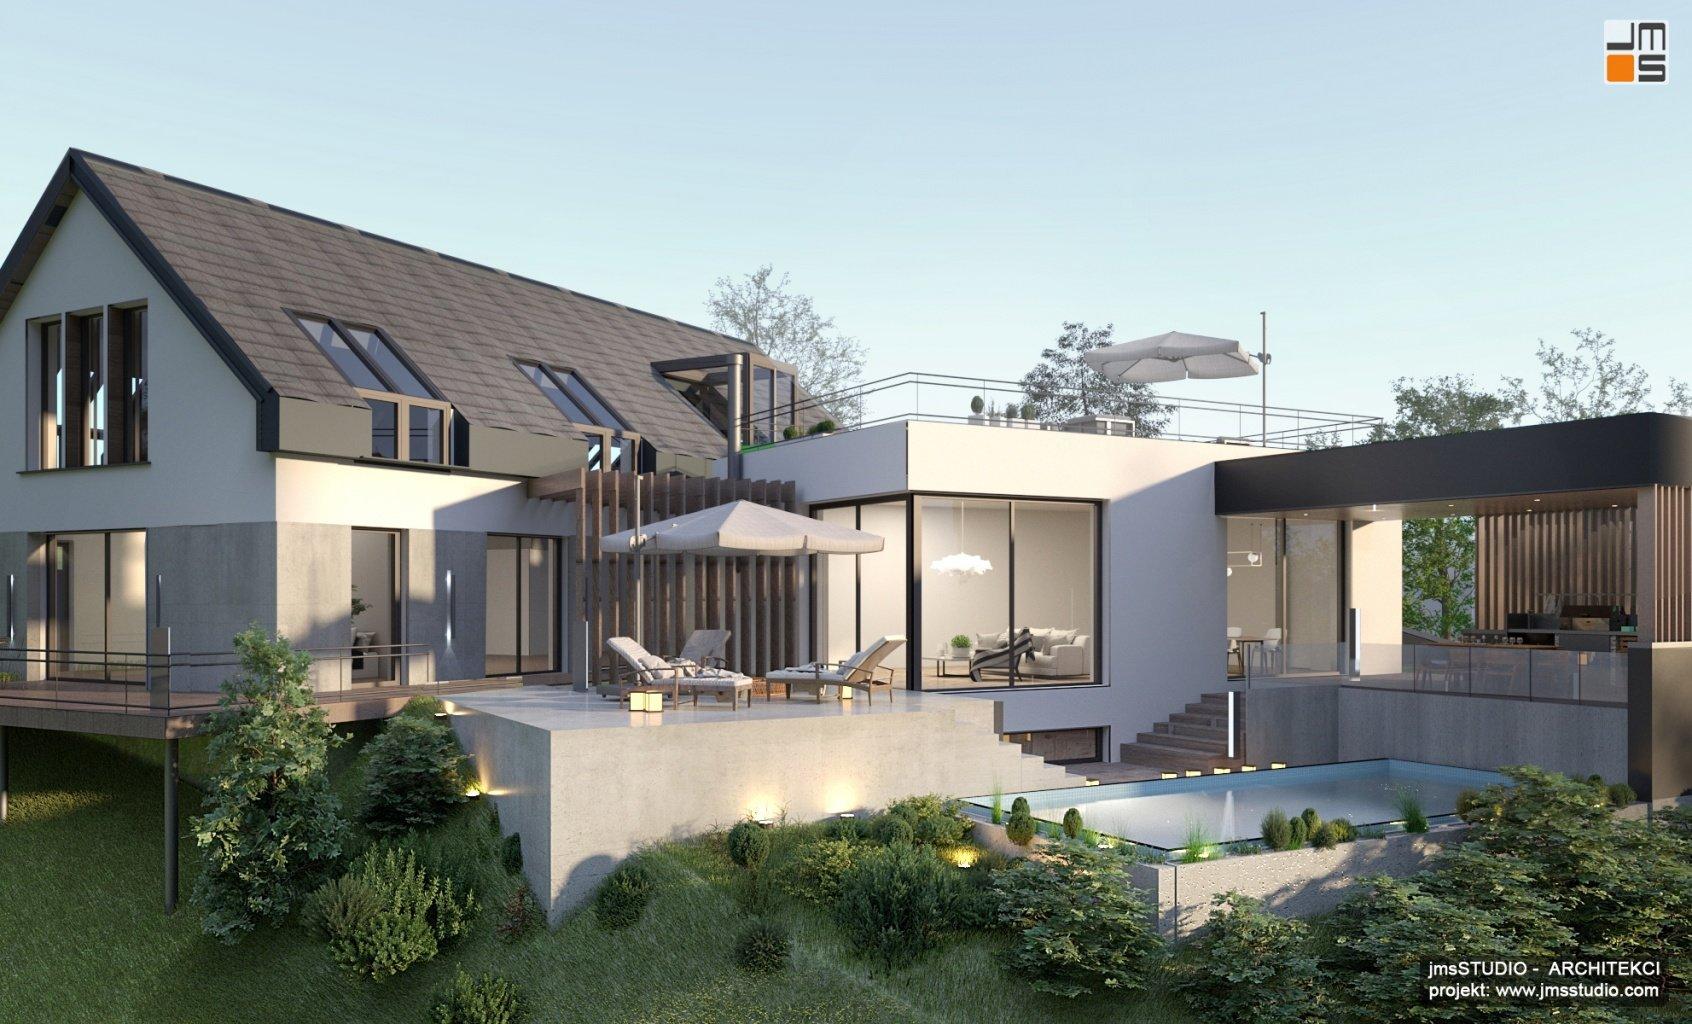 Nowoczesny projekt dużej rezydencji z basenem i kuchnią zewnętrzną - to piękny projekt dużego domu na trudnej działce ze spadkiem pod Krakowem